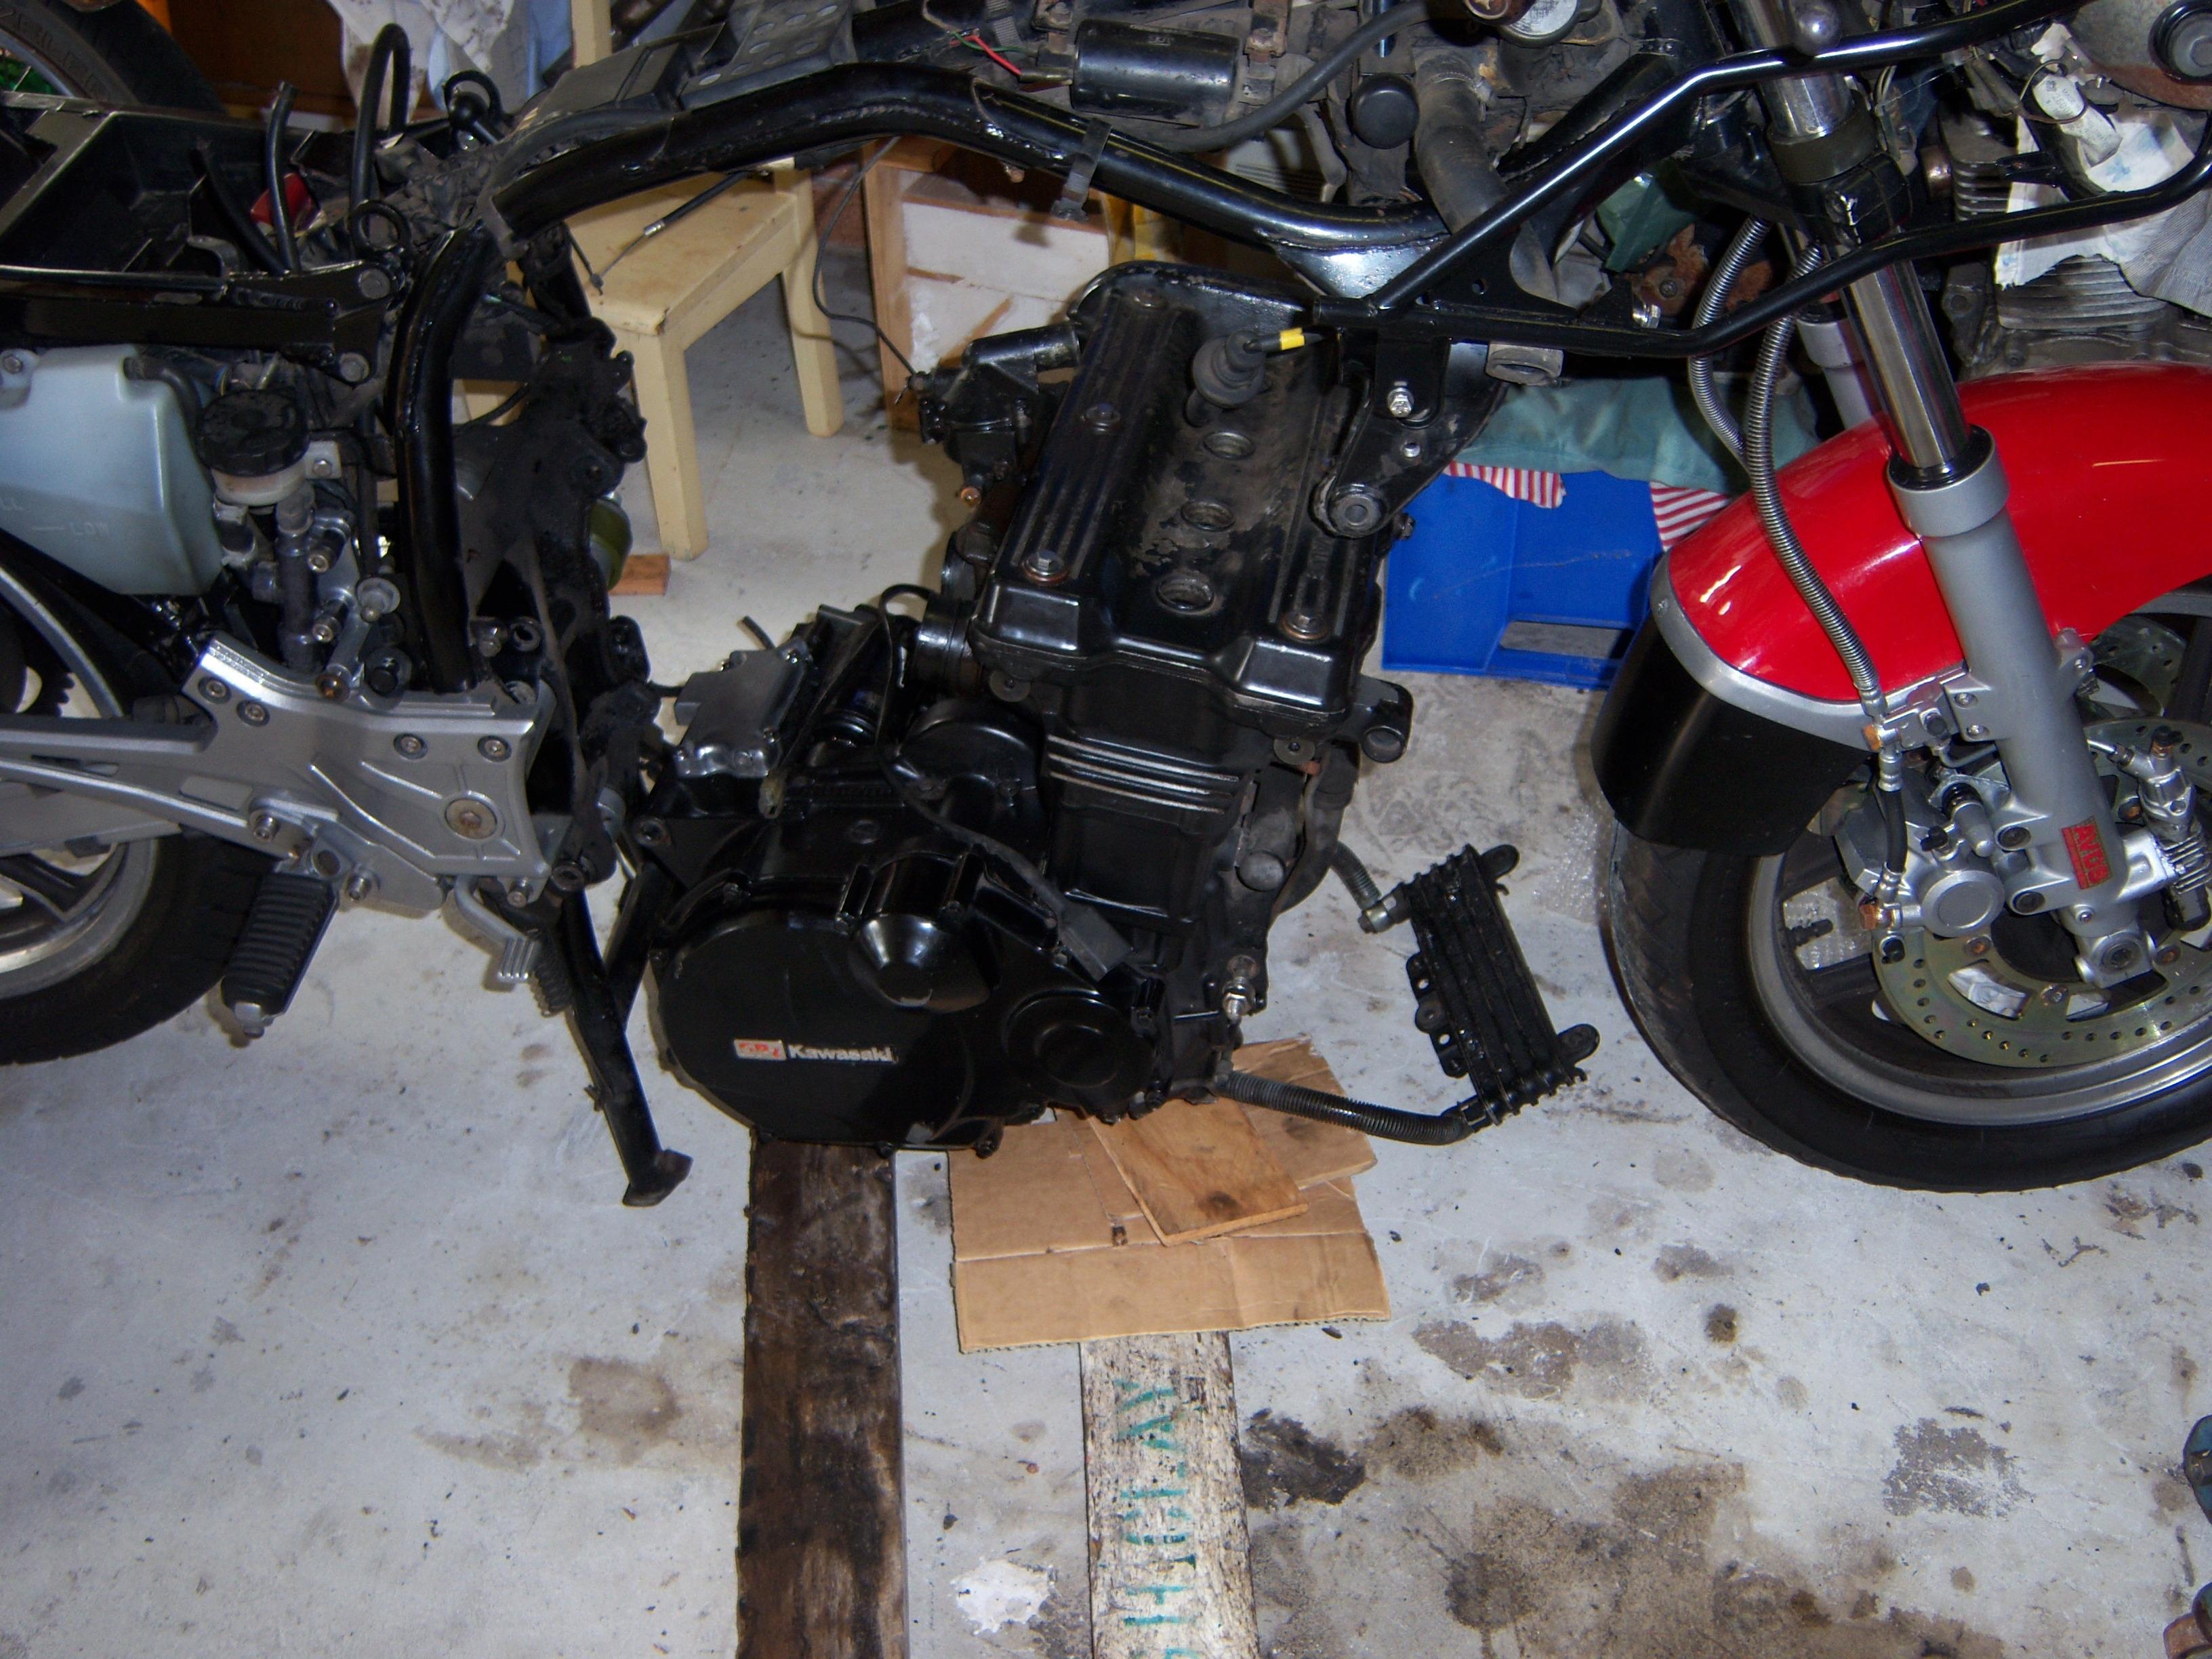 Kawasaki Motorcycle Wiring Diagrams Kawasaki Circuit Diagrams